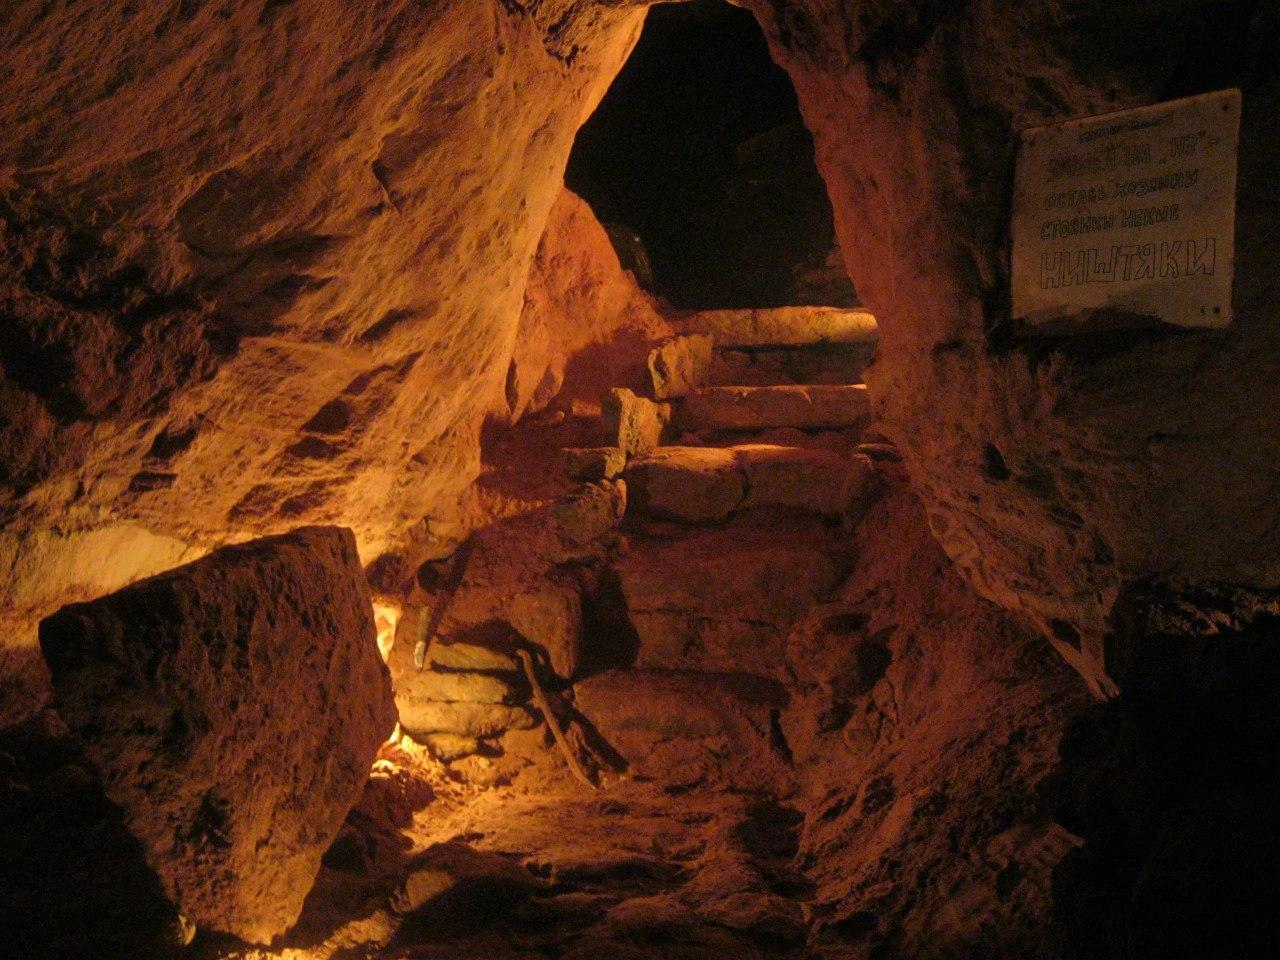 Саблинские пещеры. Автор фото: Автор: Веселый Копарь